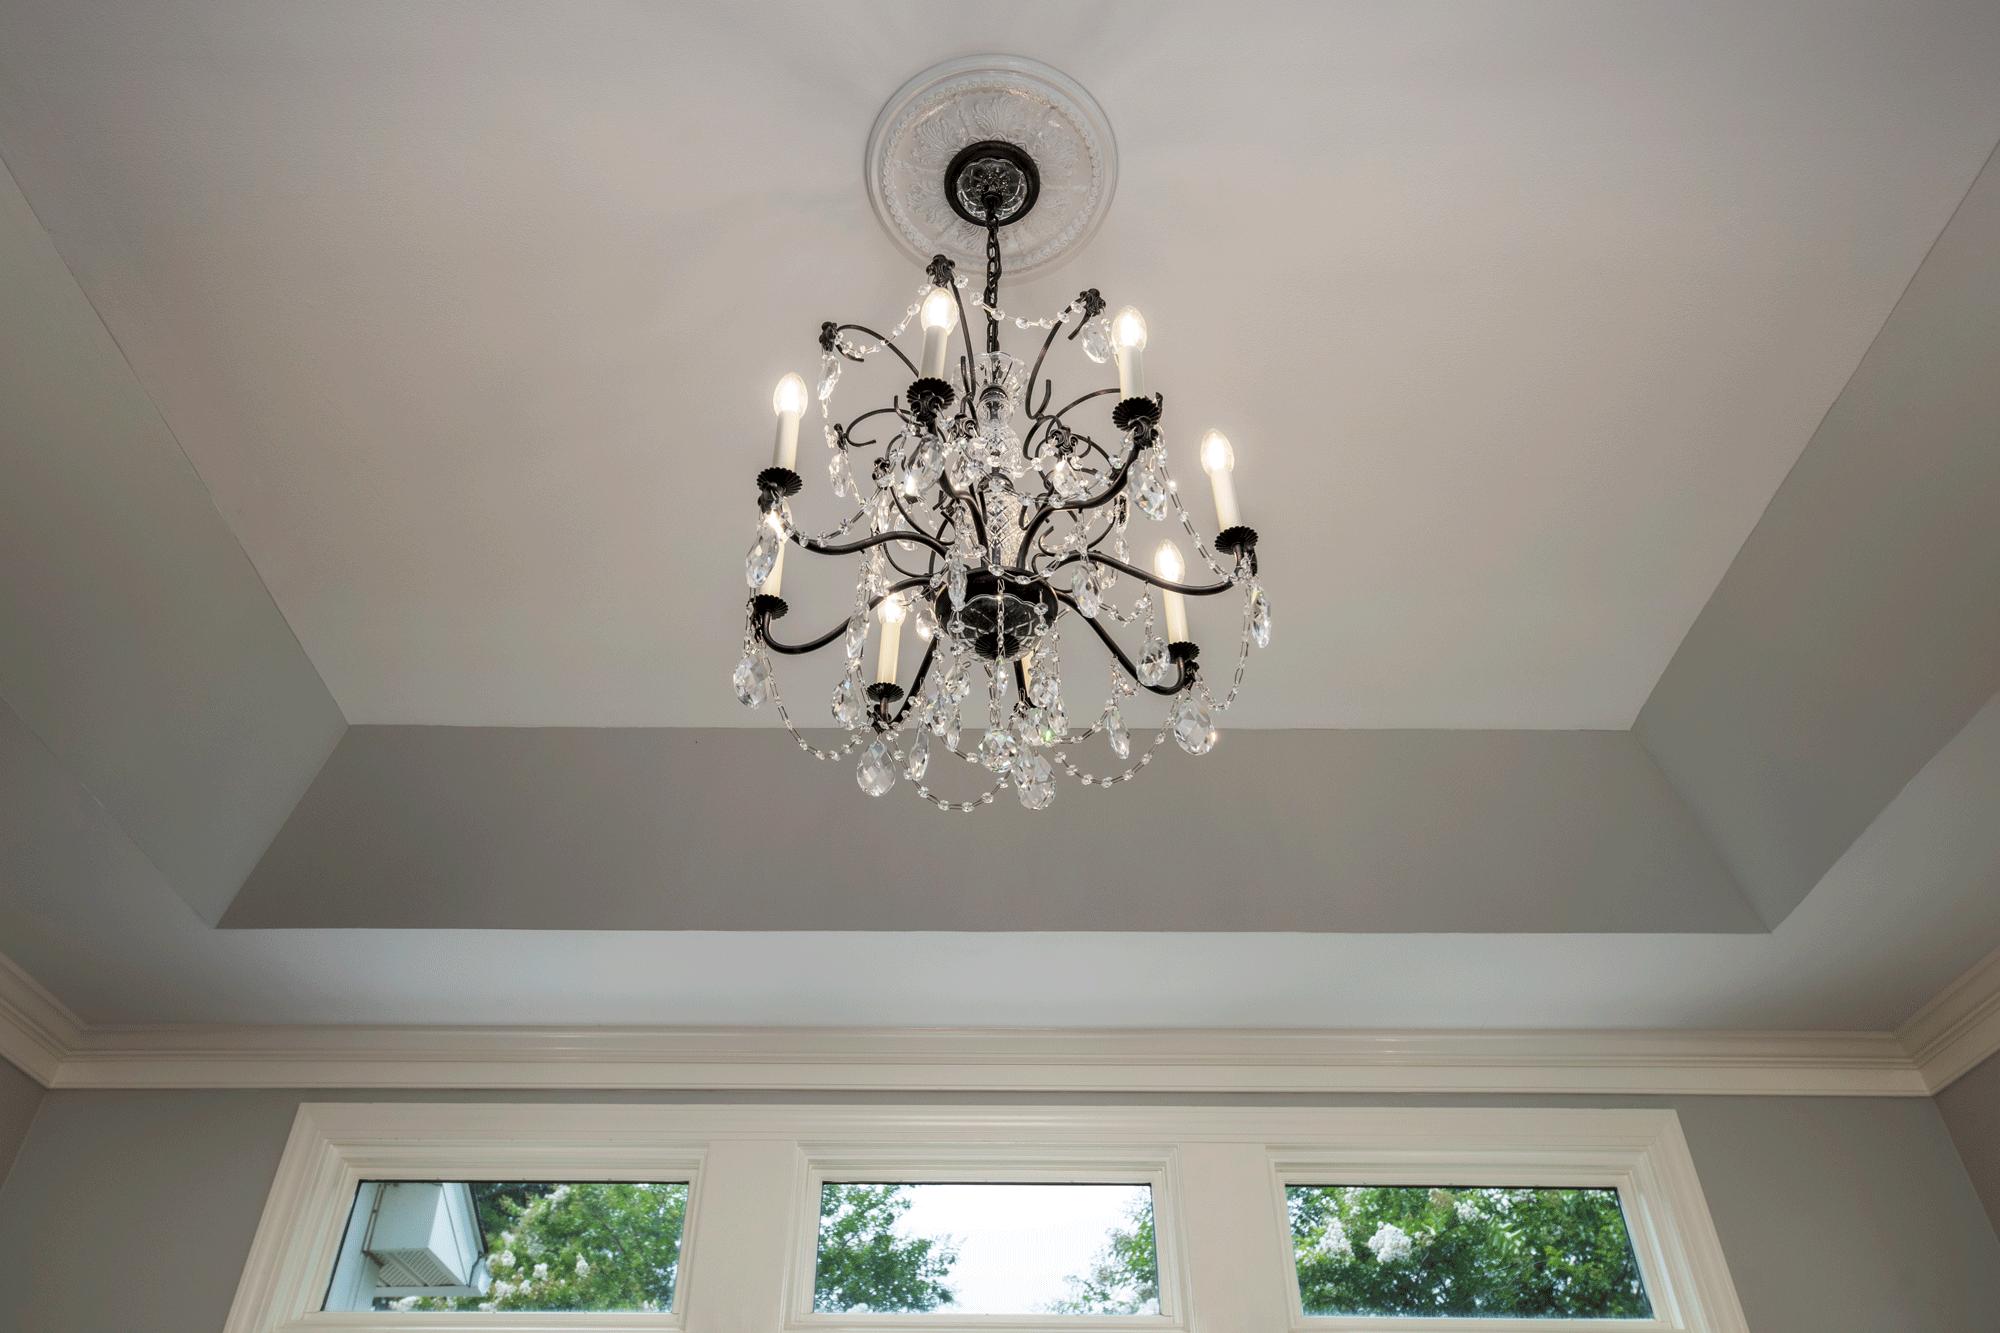 Interior decor & chandelier